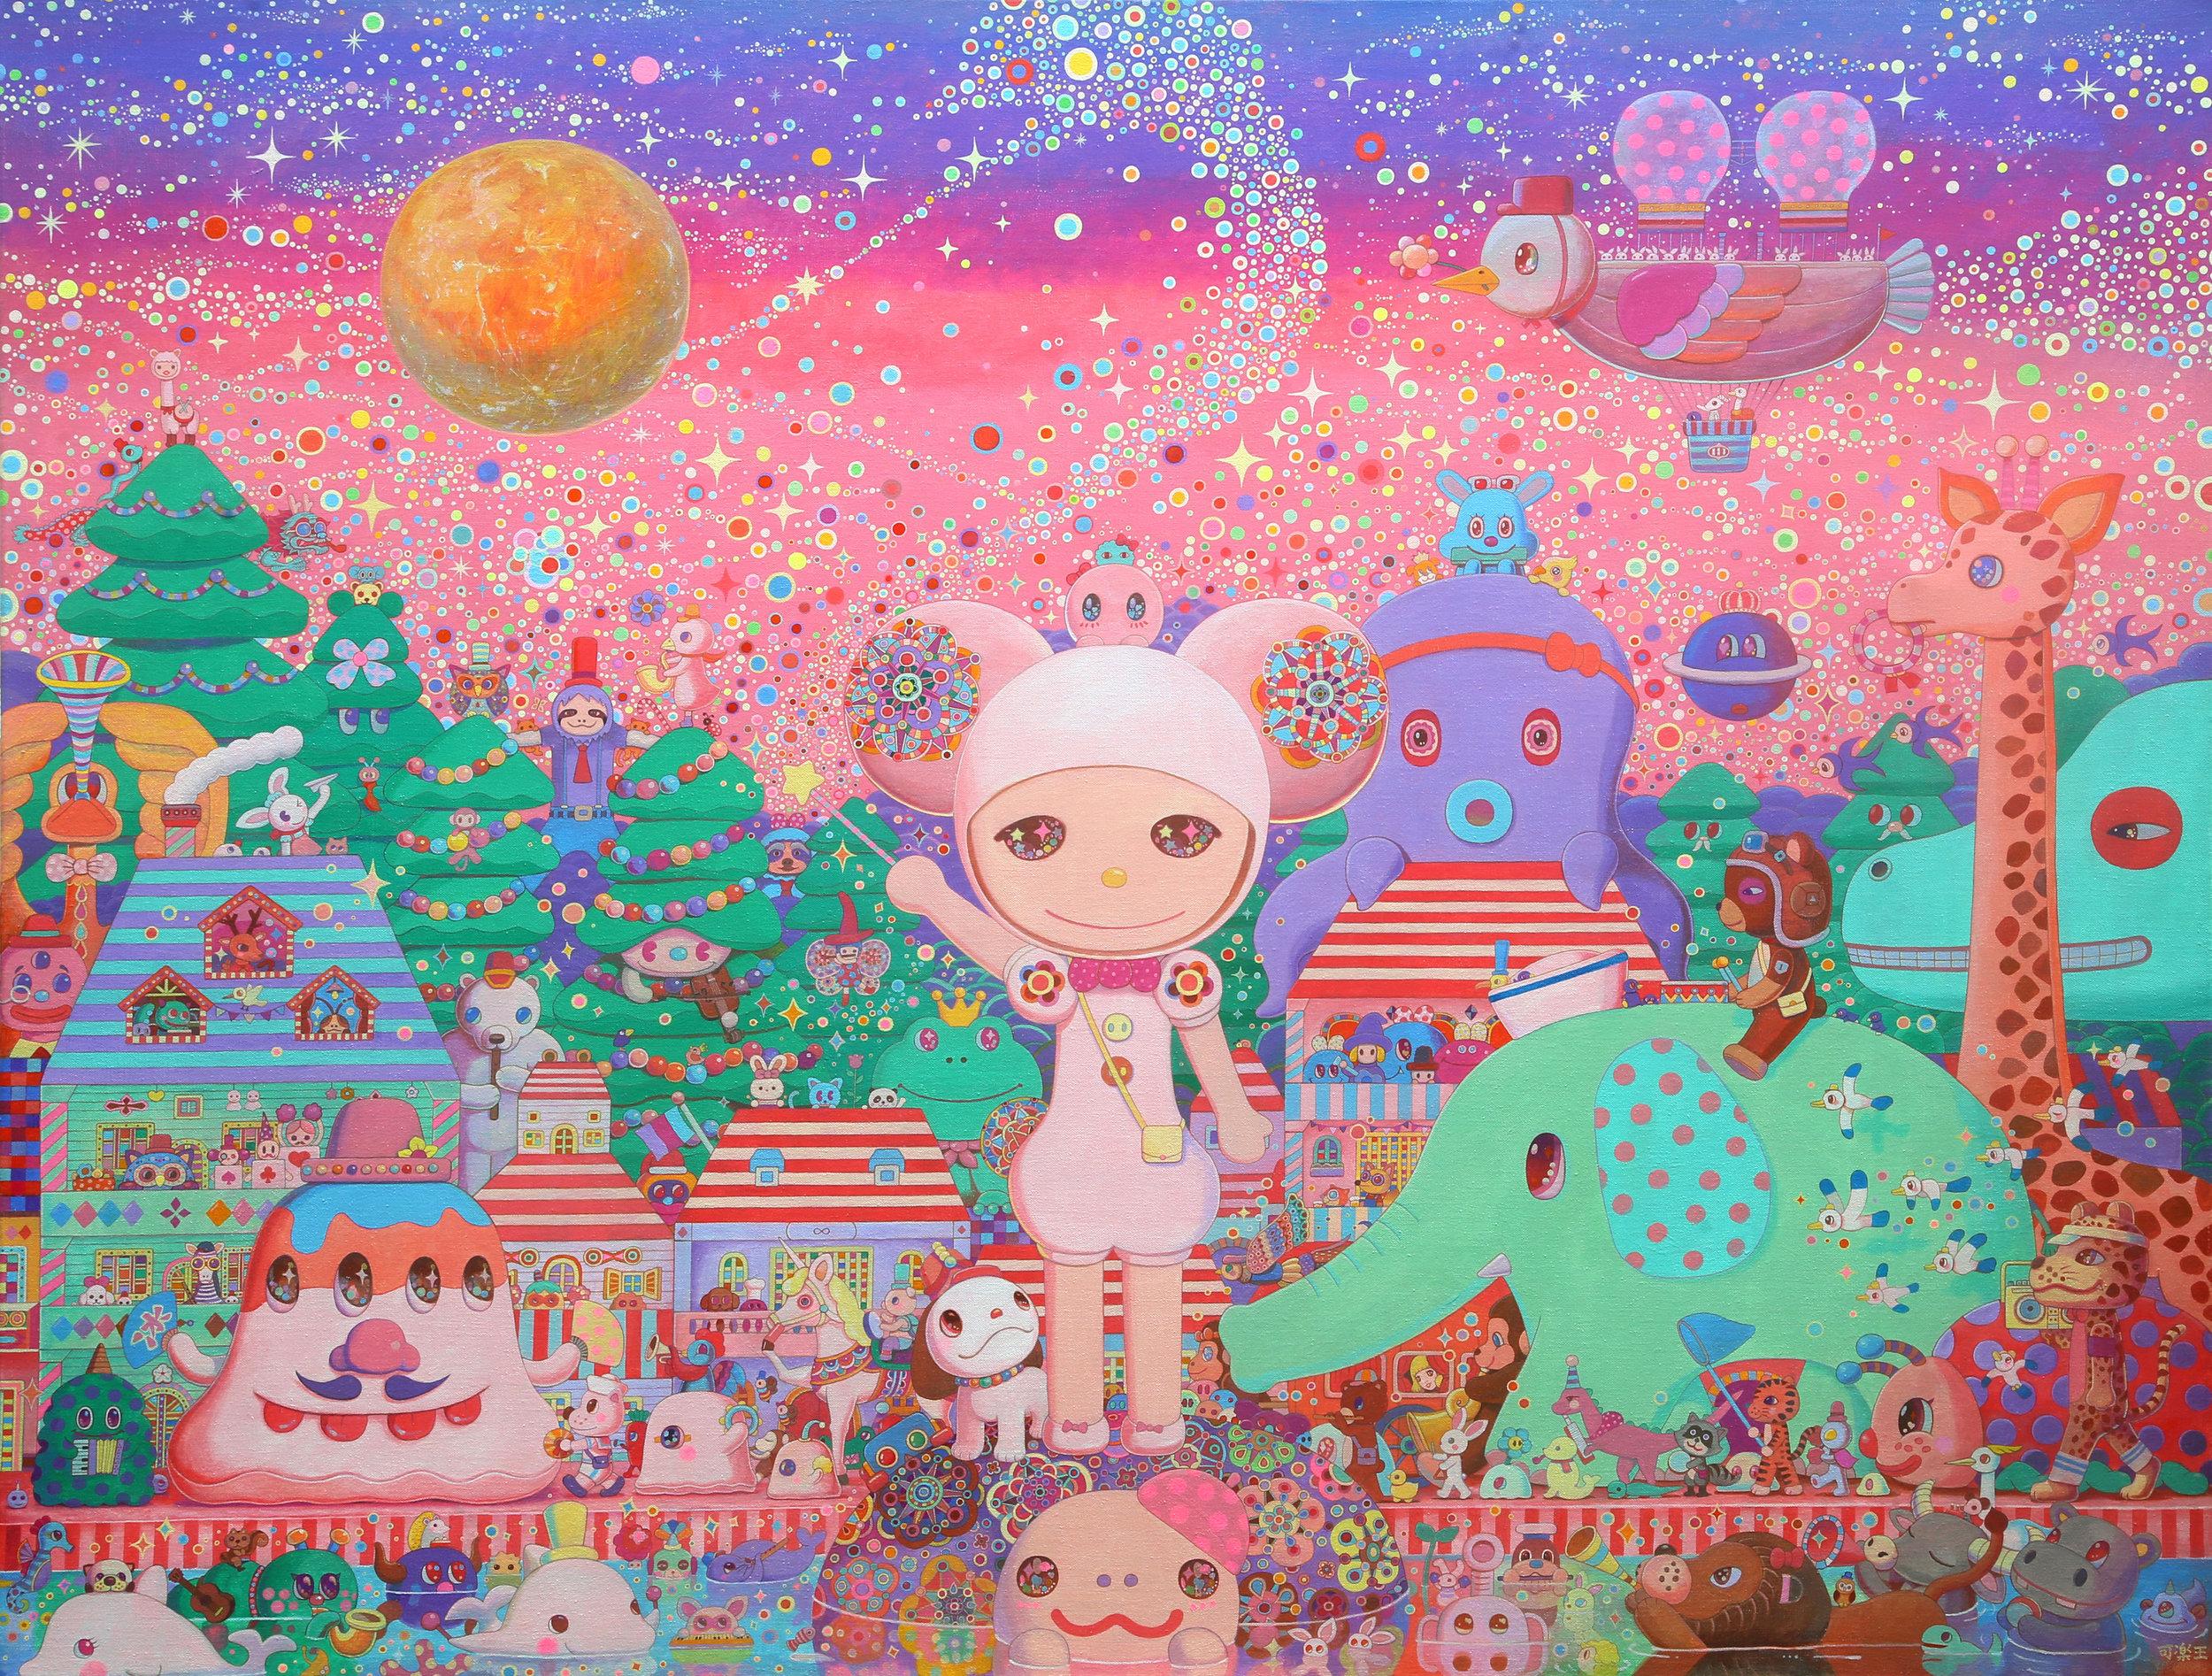 幻日之夜 145.5×112.0cm Acrylic on canvas 2014-2019